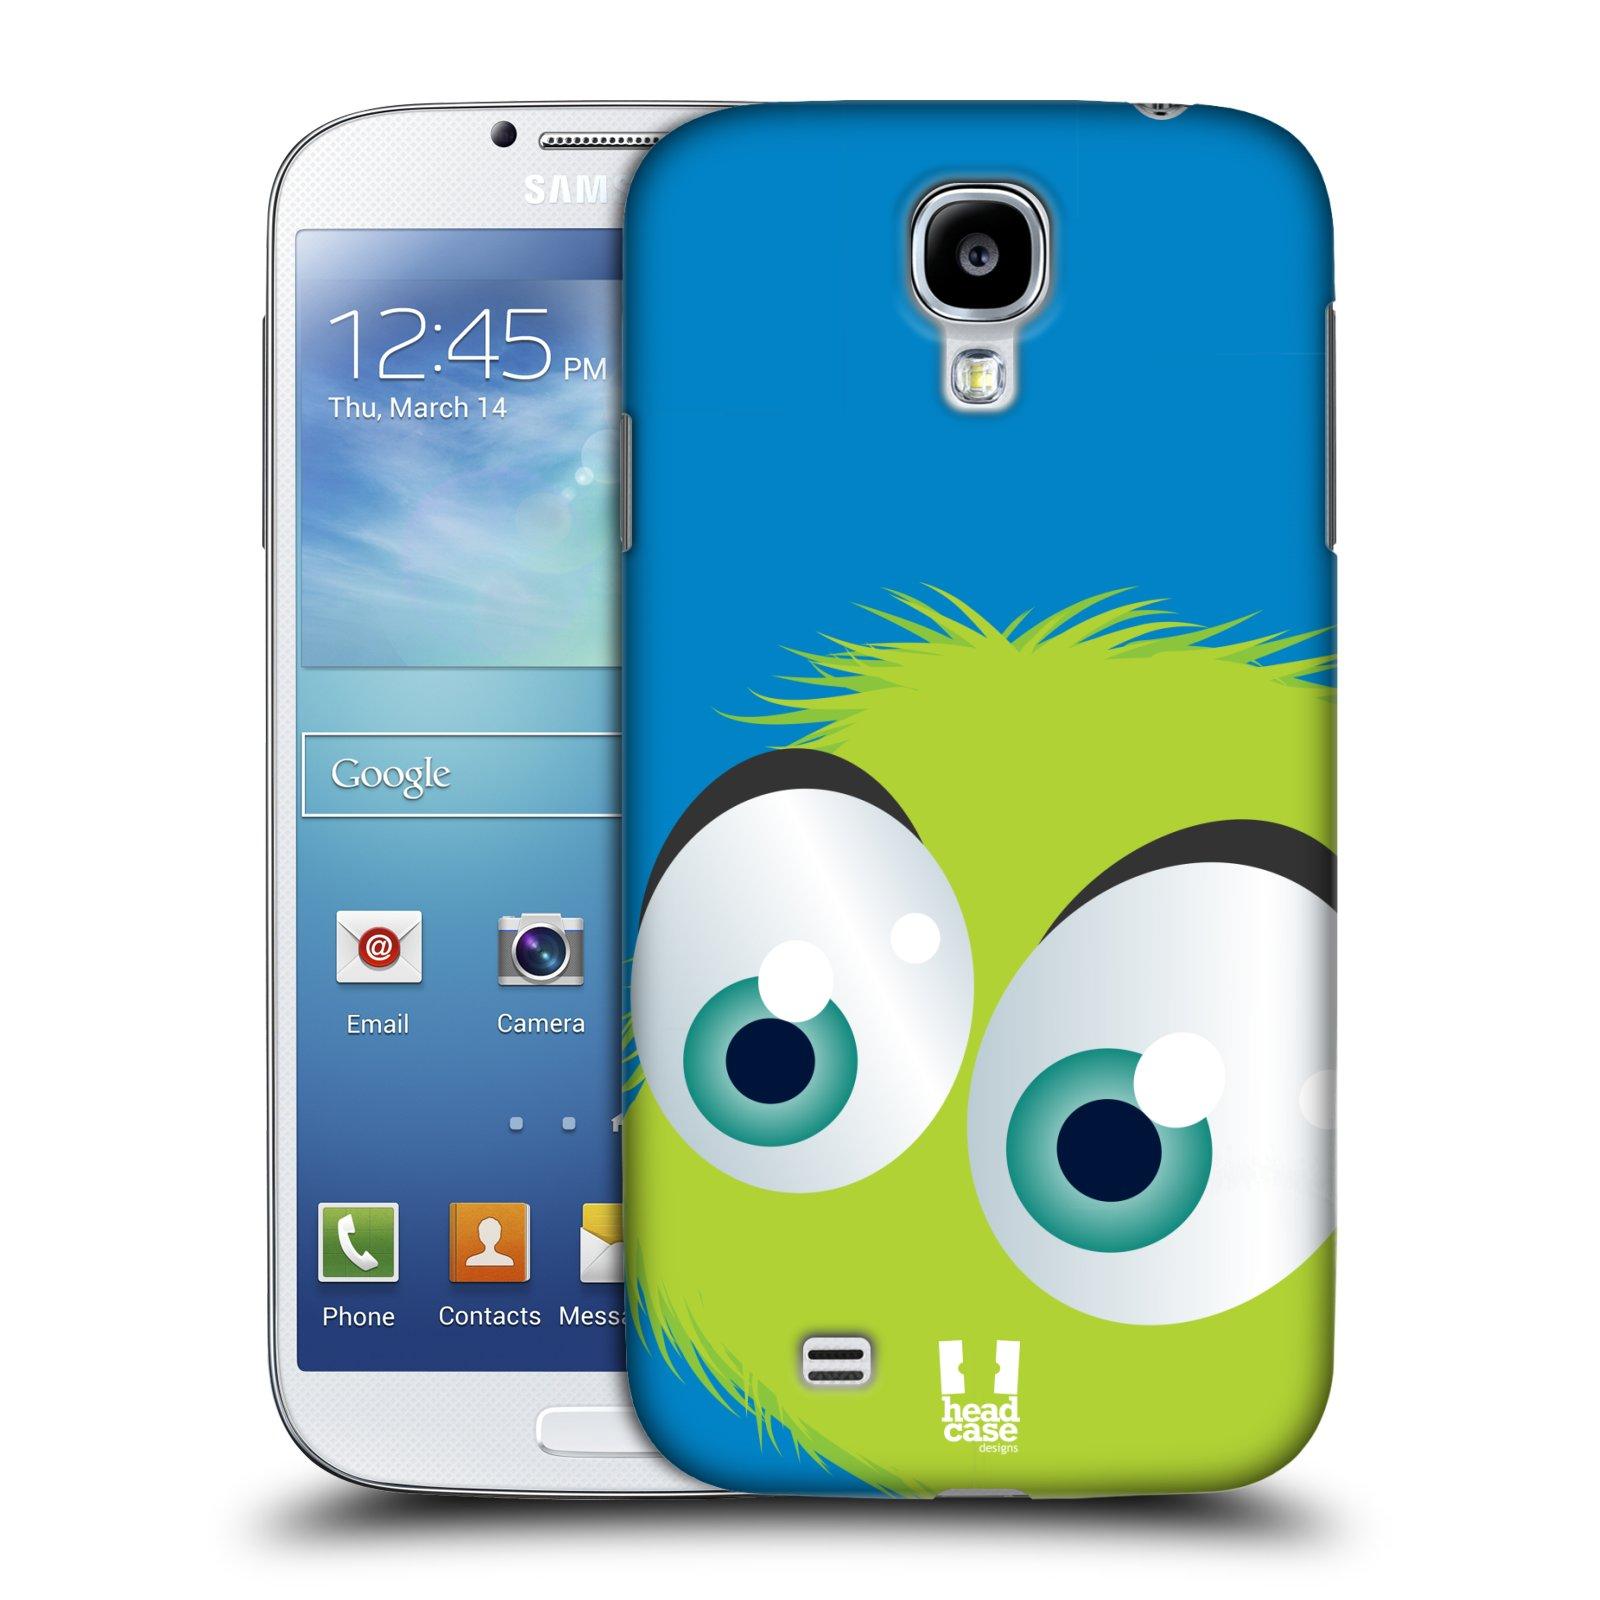 Plastové pouzdro na mobil Samsung Galaxy S4 HEAD CASE FUZÍK ZELENÝ (Kryt či obal na mobilní telefon Samsung Galaxy S4 GT-i9505 / i9500)